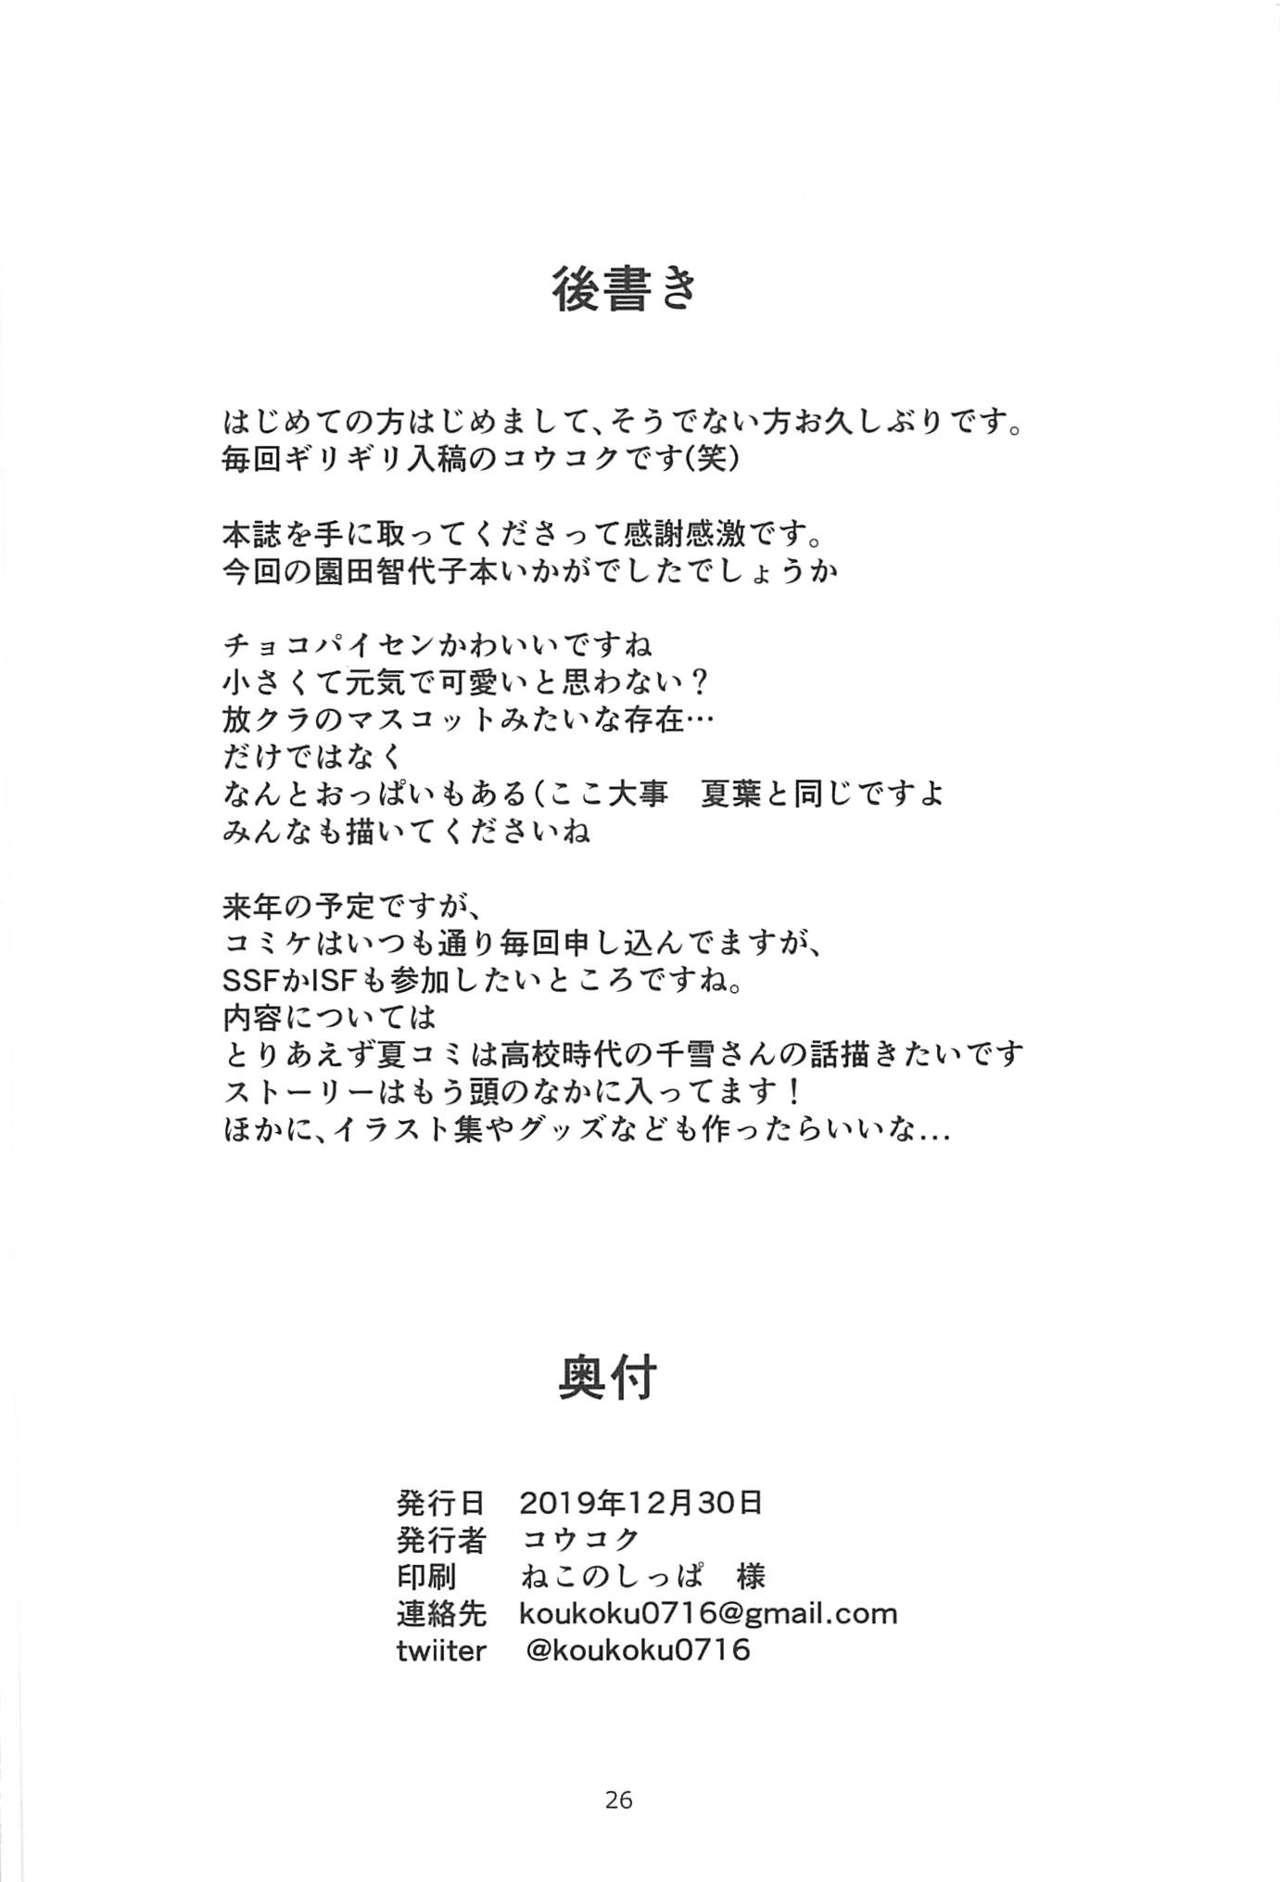 Amakute Oishii Choko Idol desu 24